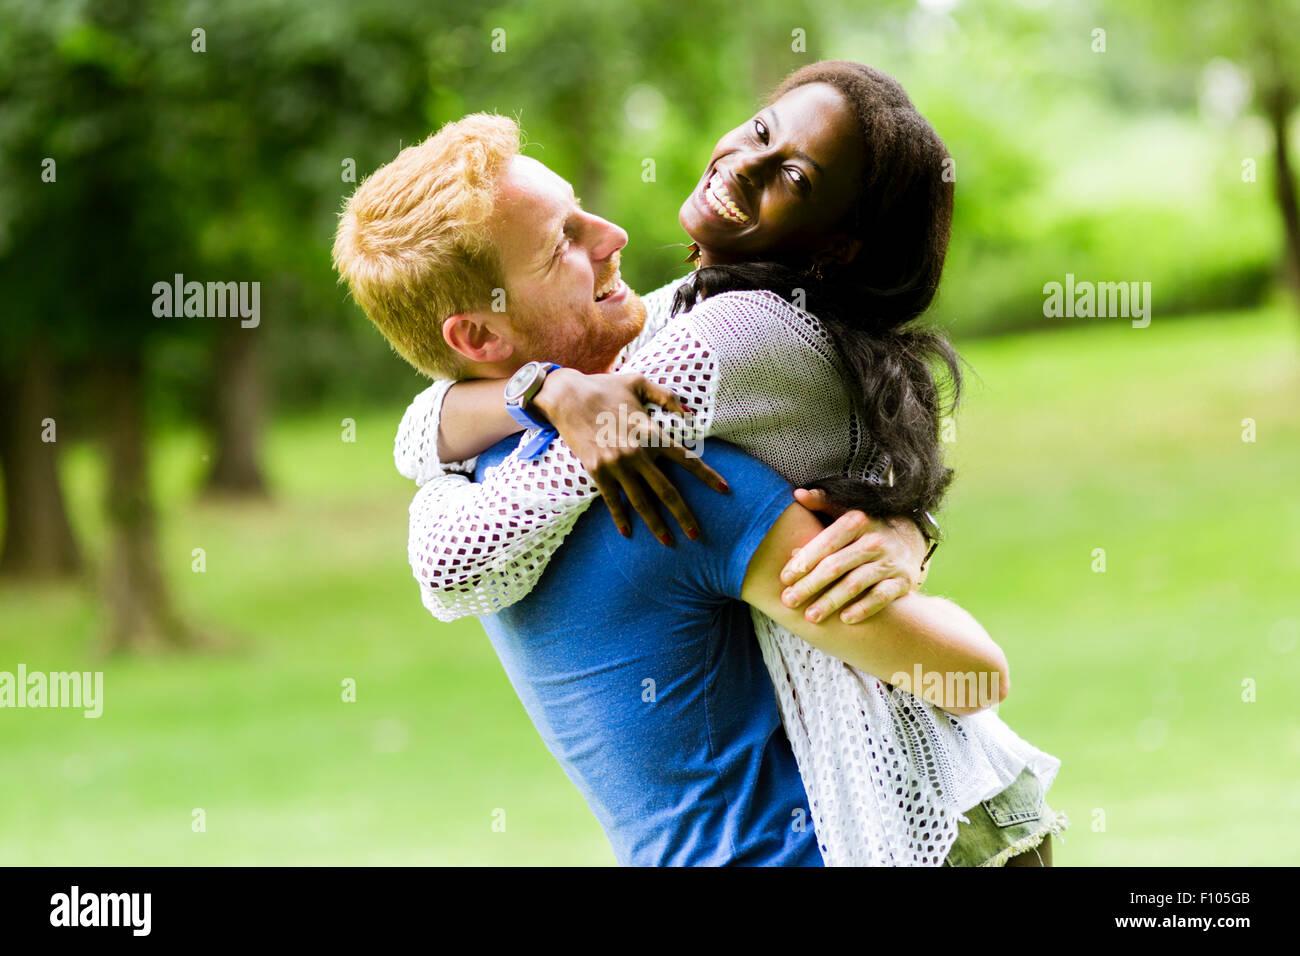 Portrait d'un couple heureux de danser et s'étreindre dans un parc en plein air Photo Stock